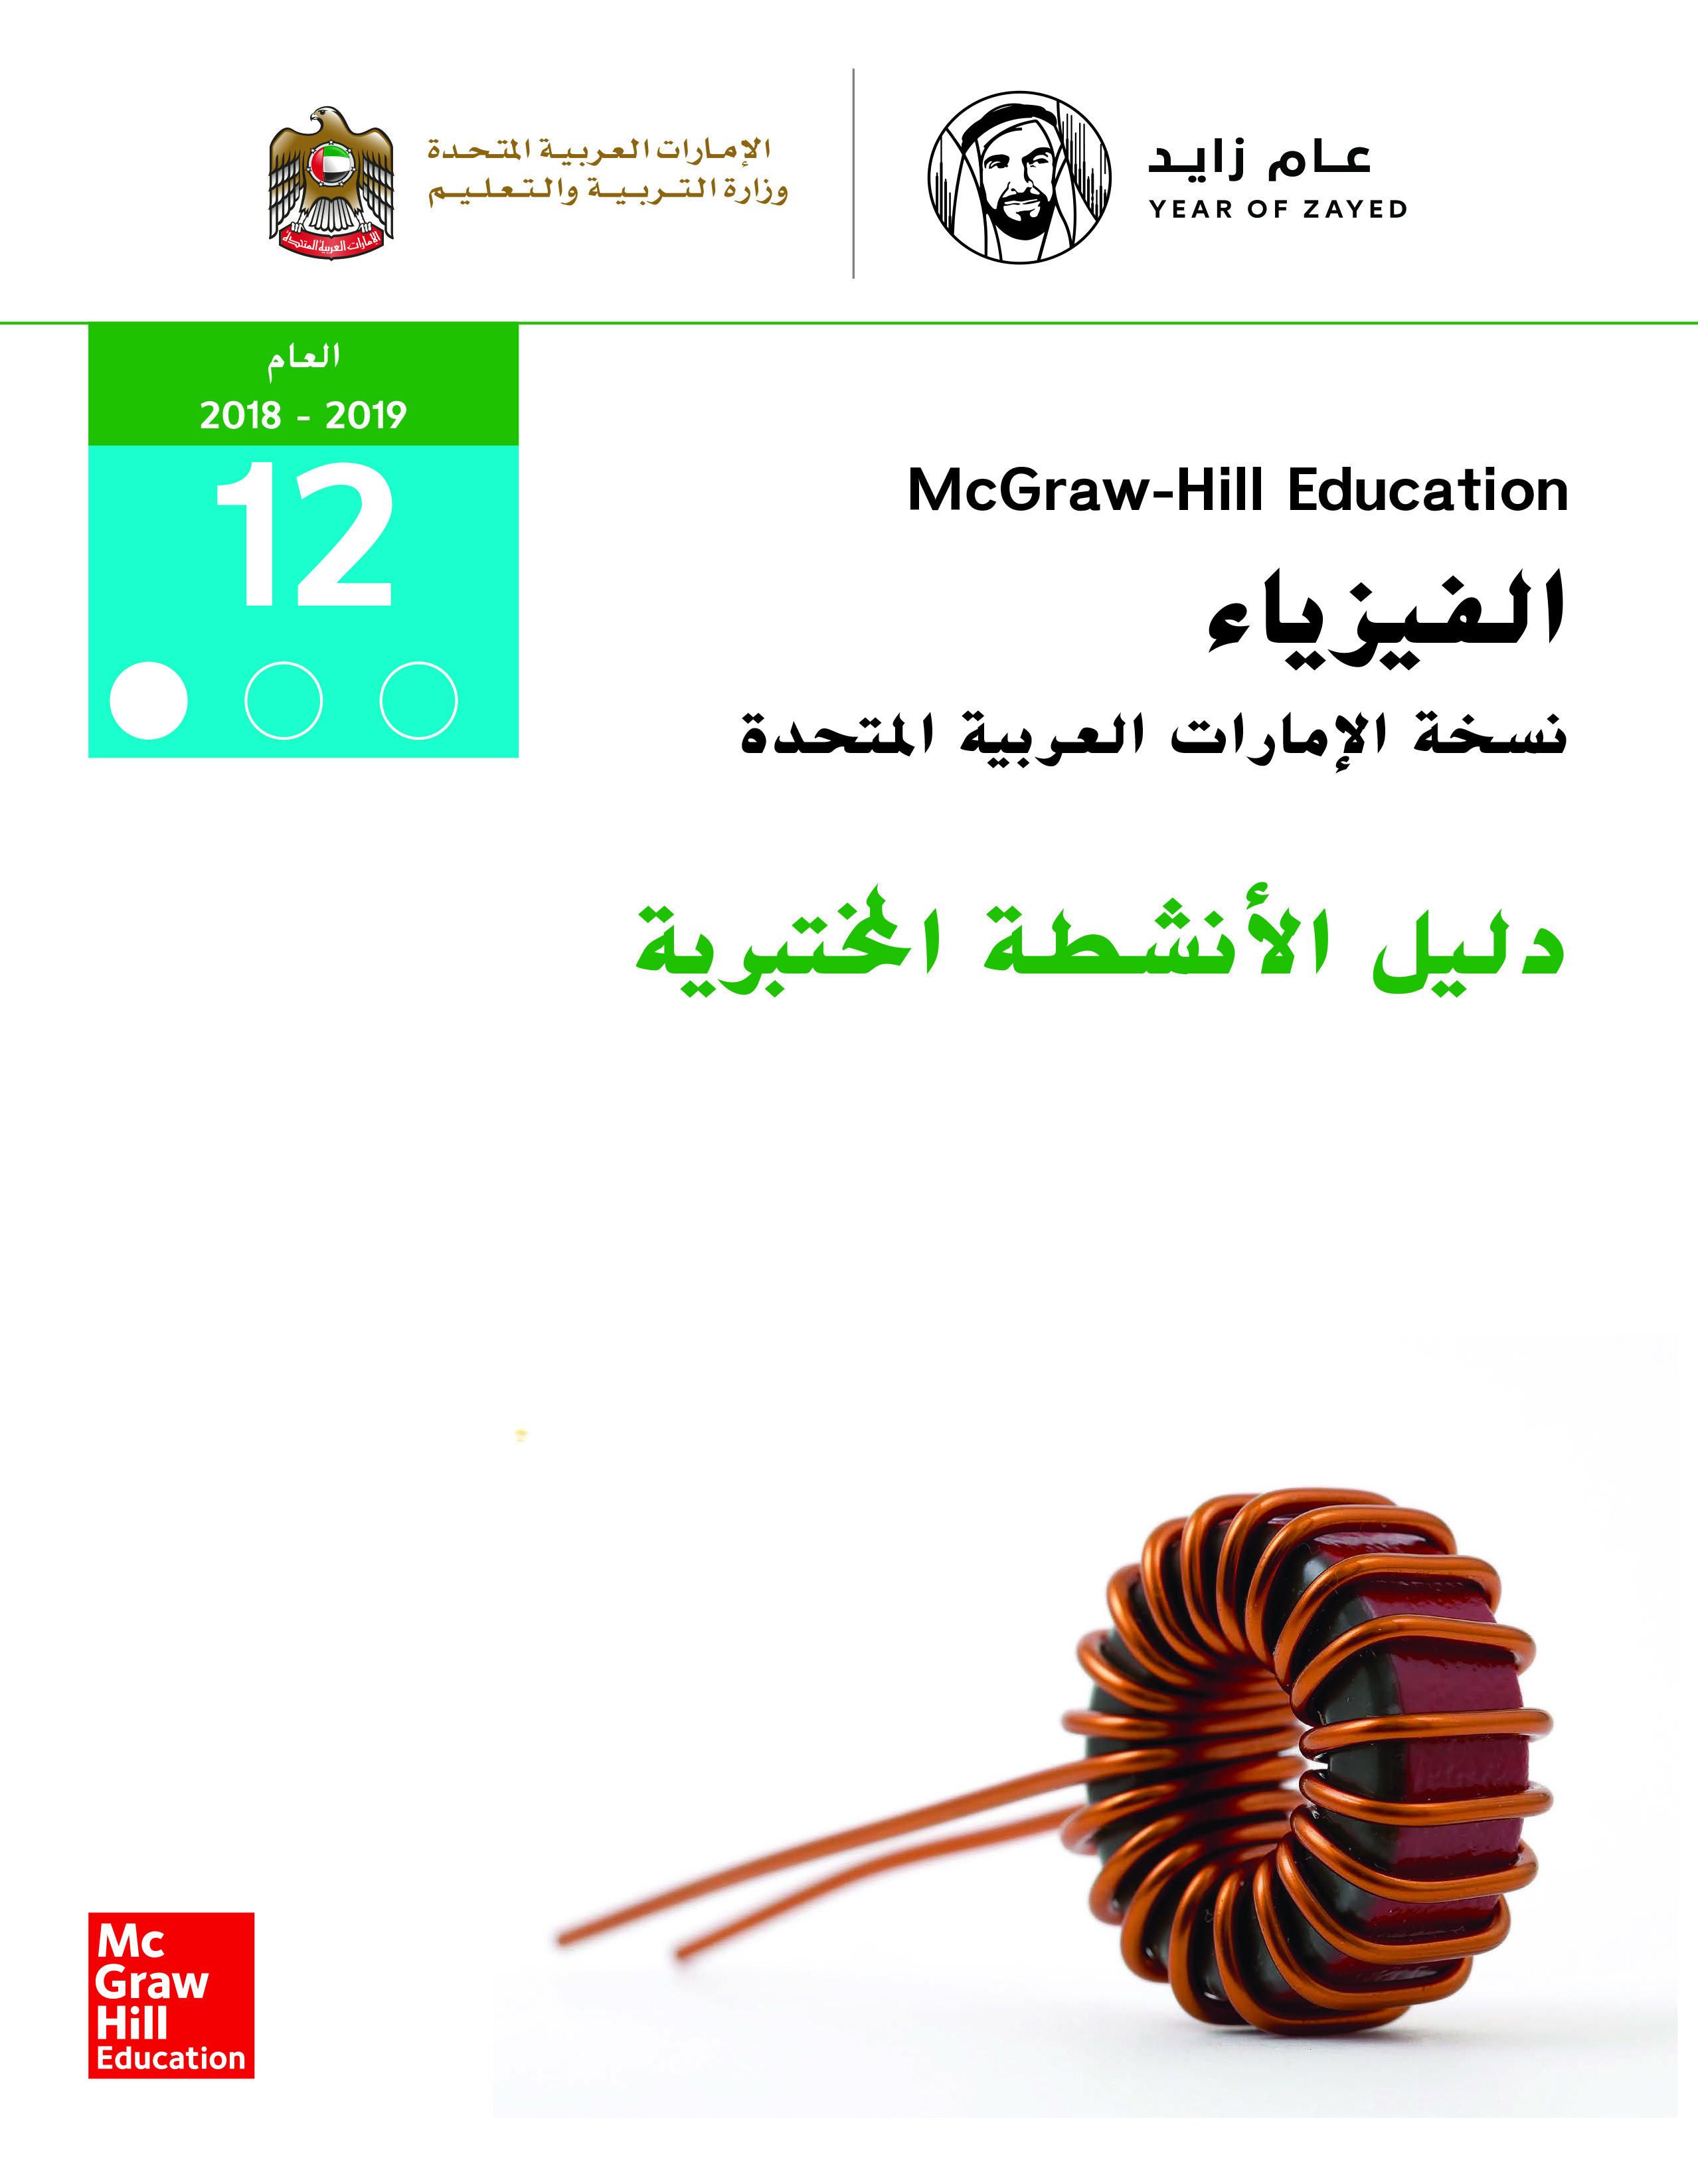 االفيزياء- دليل الأنشطة المختبرية - كتاب الطالب - الصف الثاني عشر العام - الجزء الأول